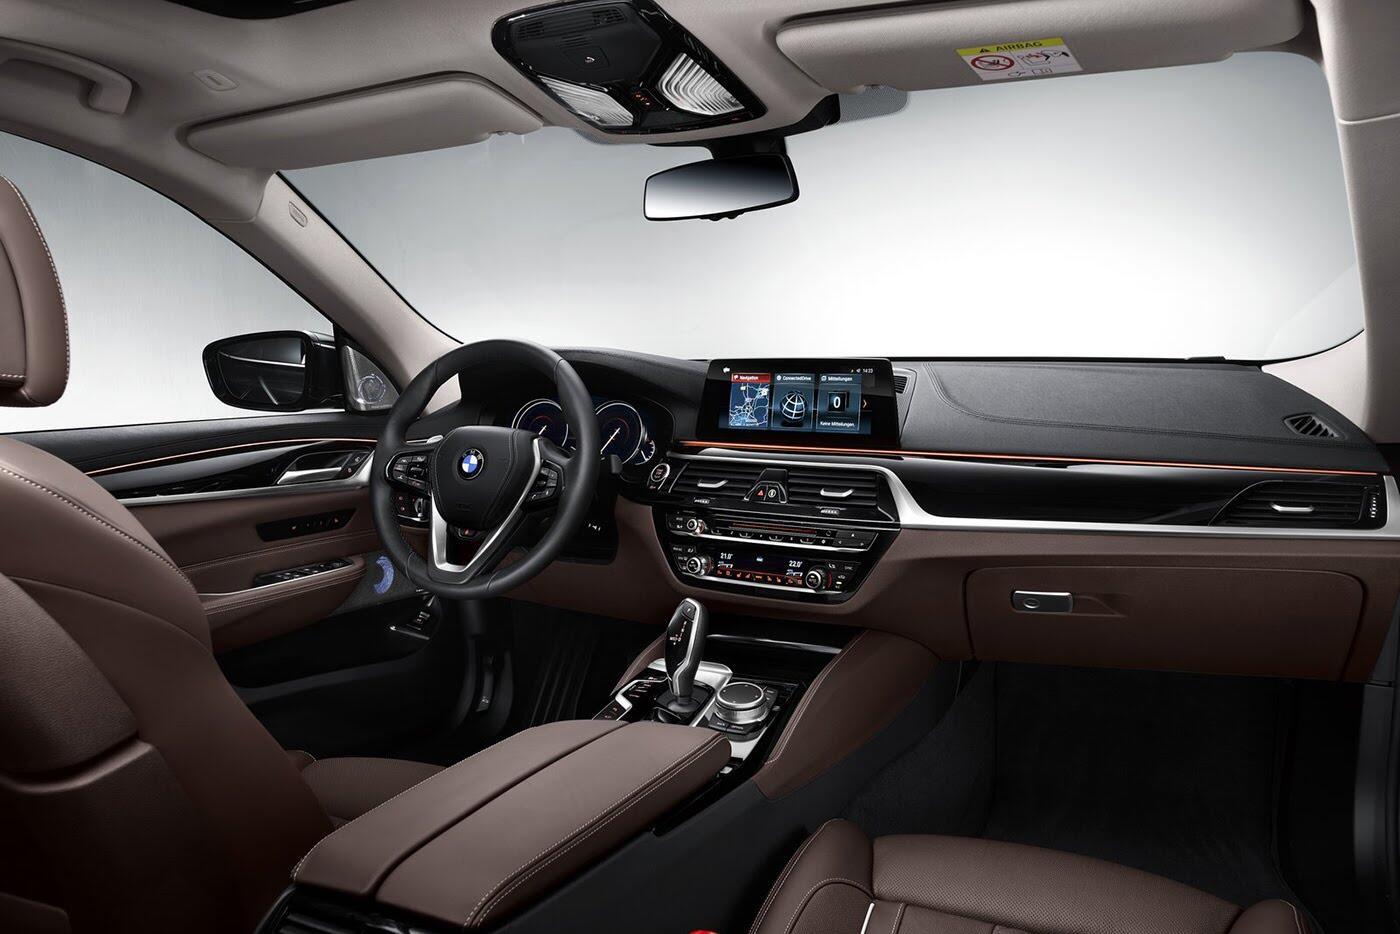 Xem thêm ảnh BMW 6-Series Gran Turismo 2018 - Hình 25